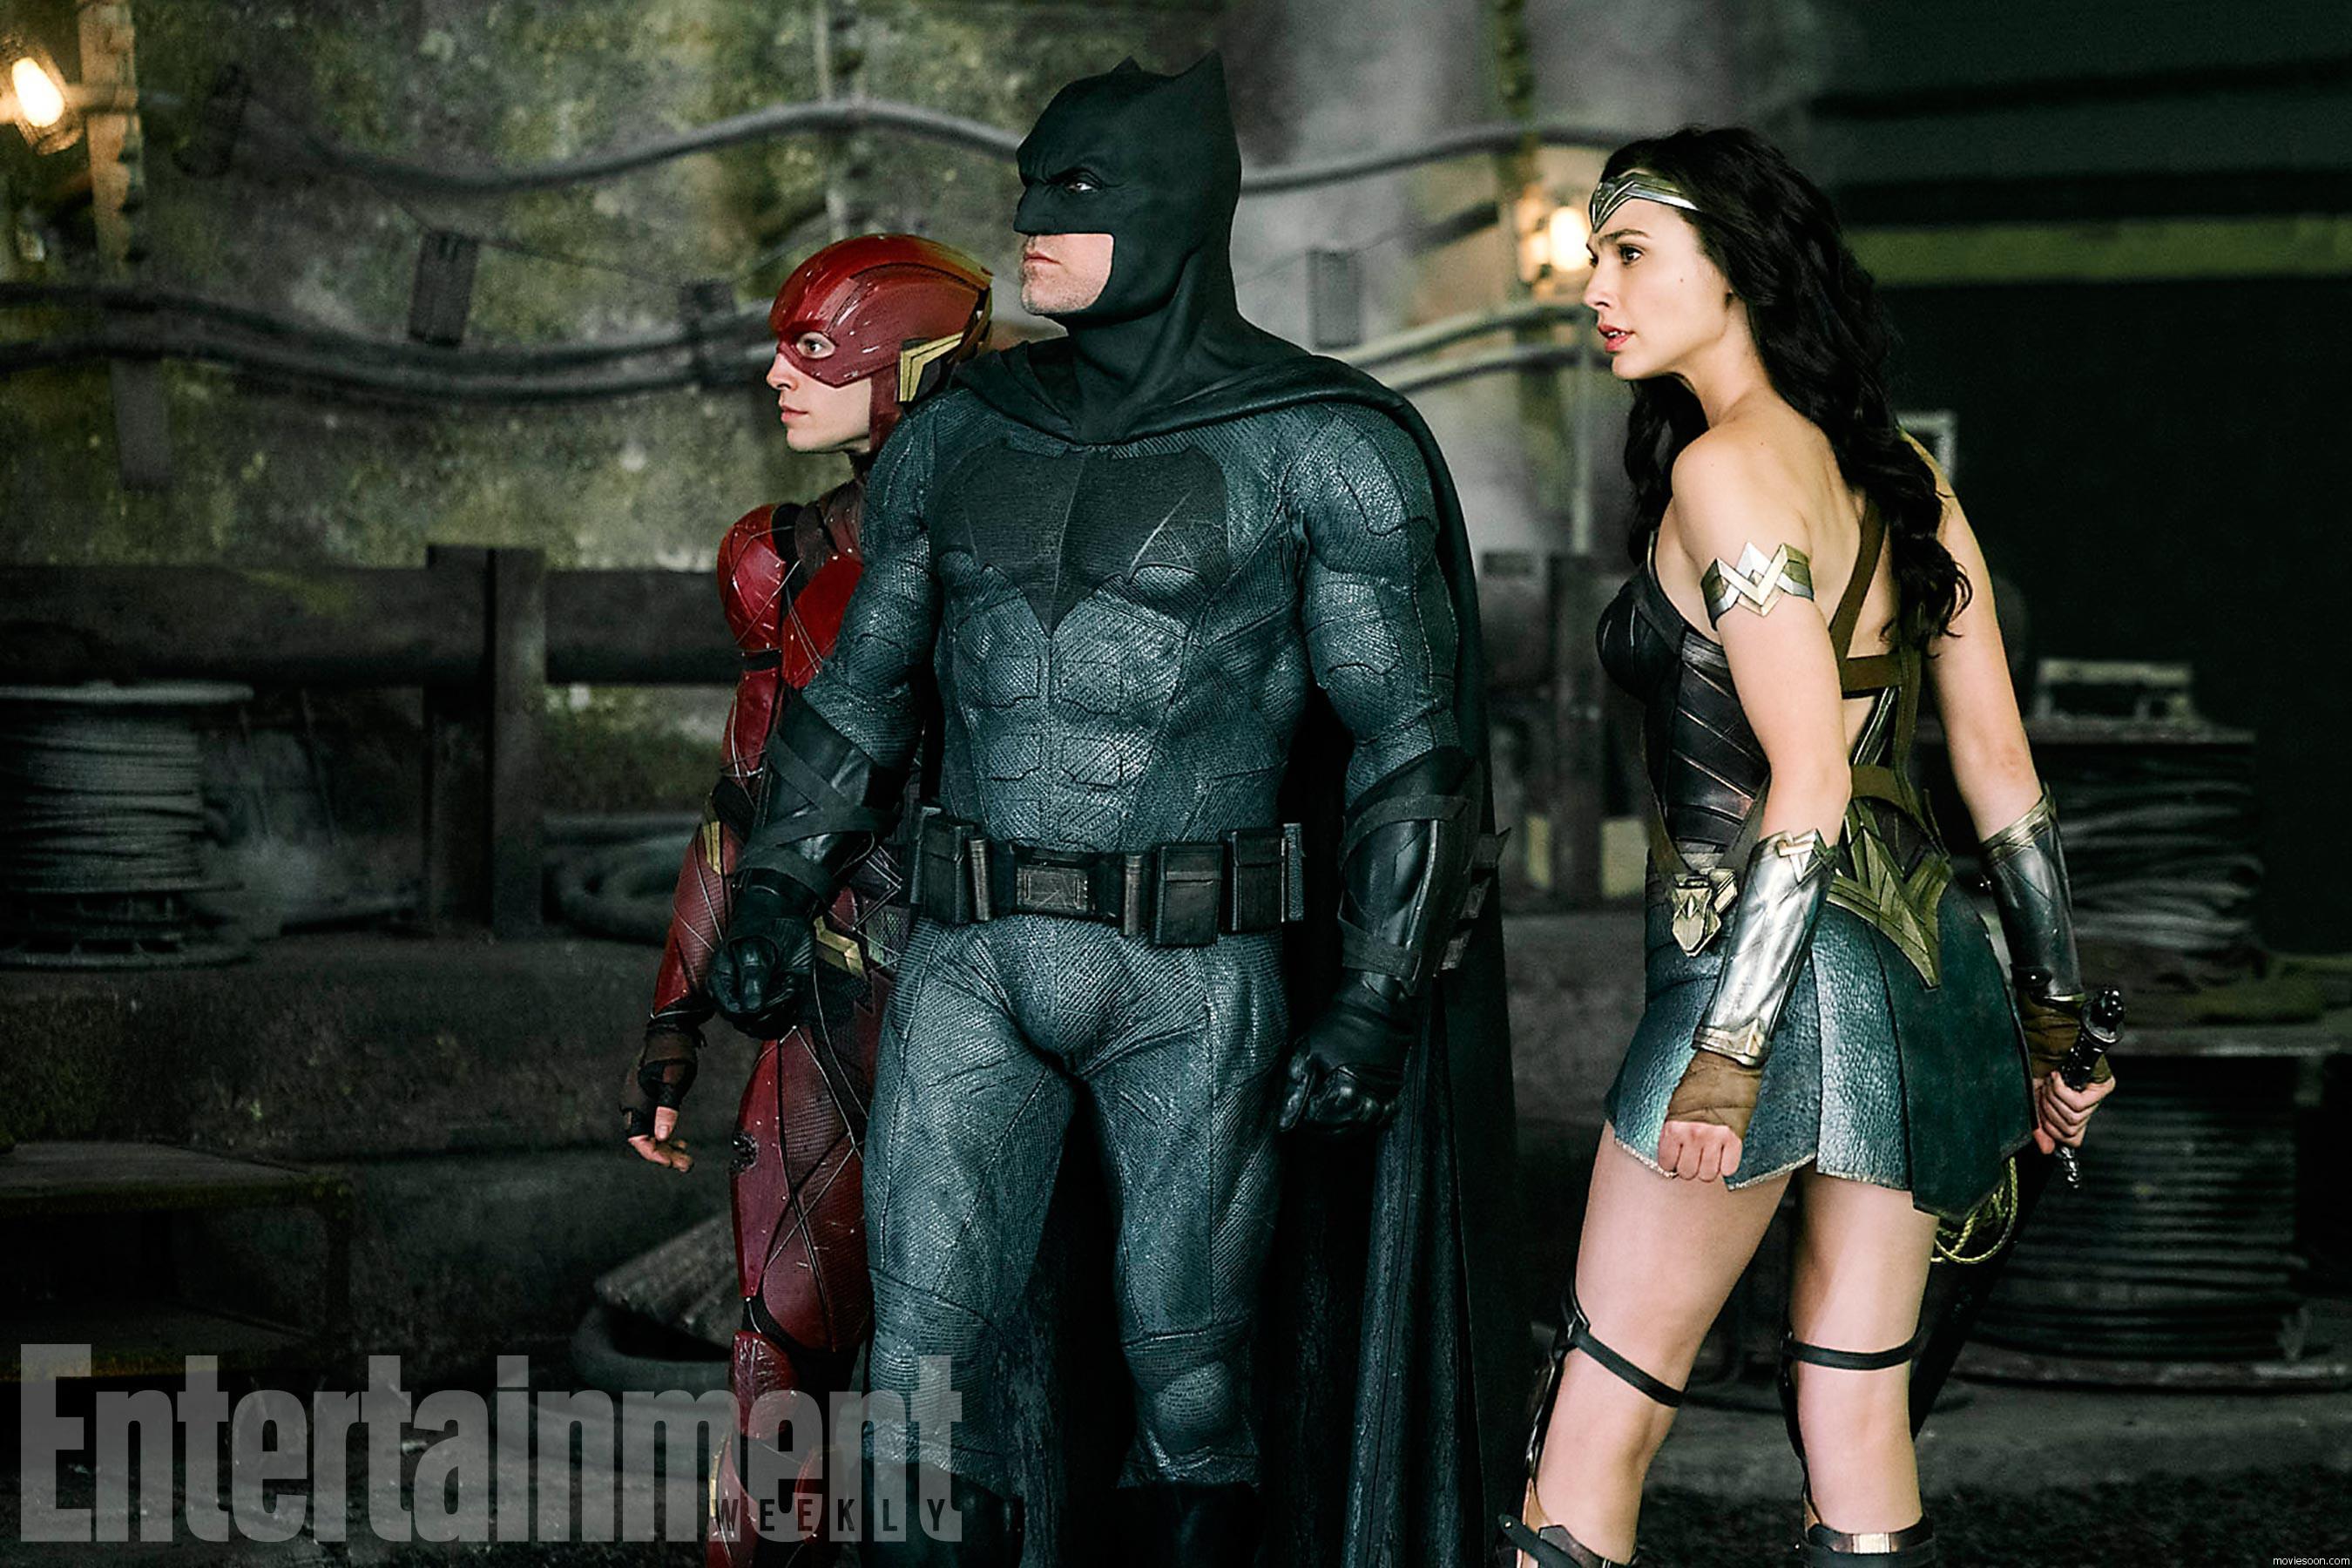 《娱乐周刊》曝光了《正义联盟》(Justice League)最新剧照